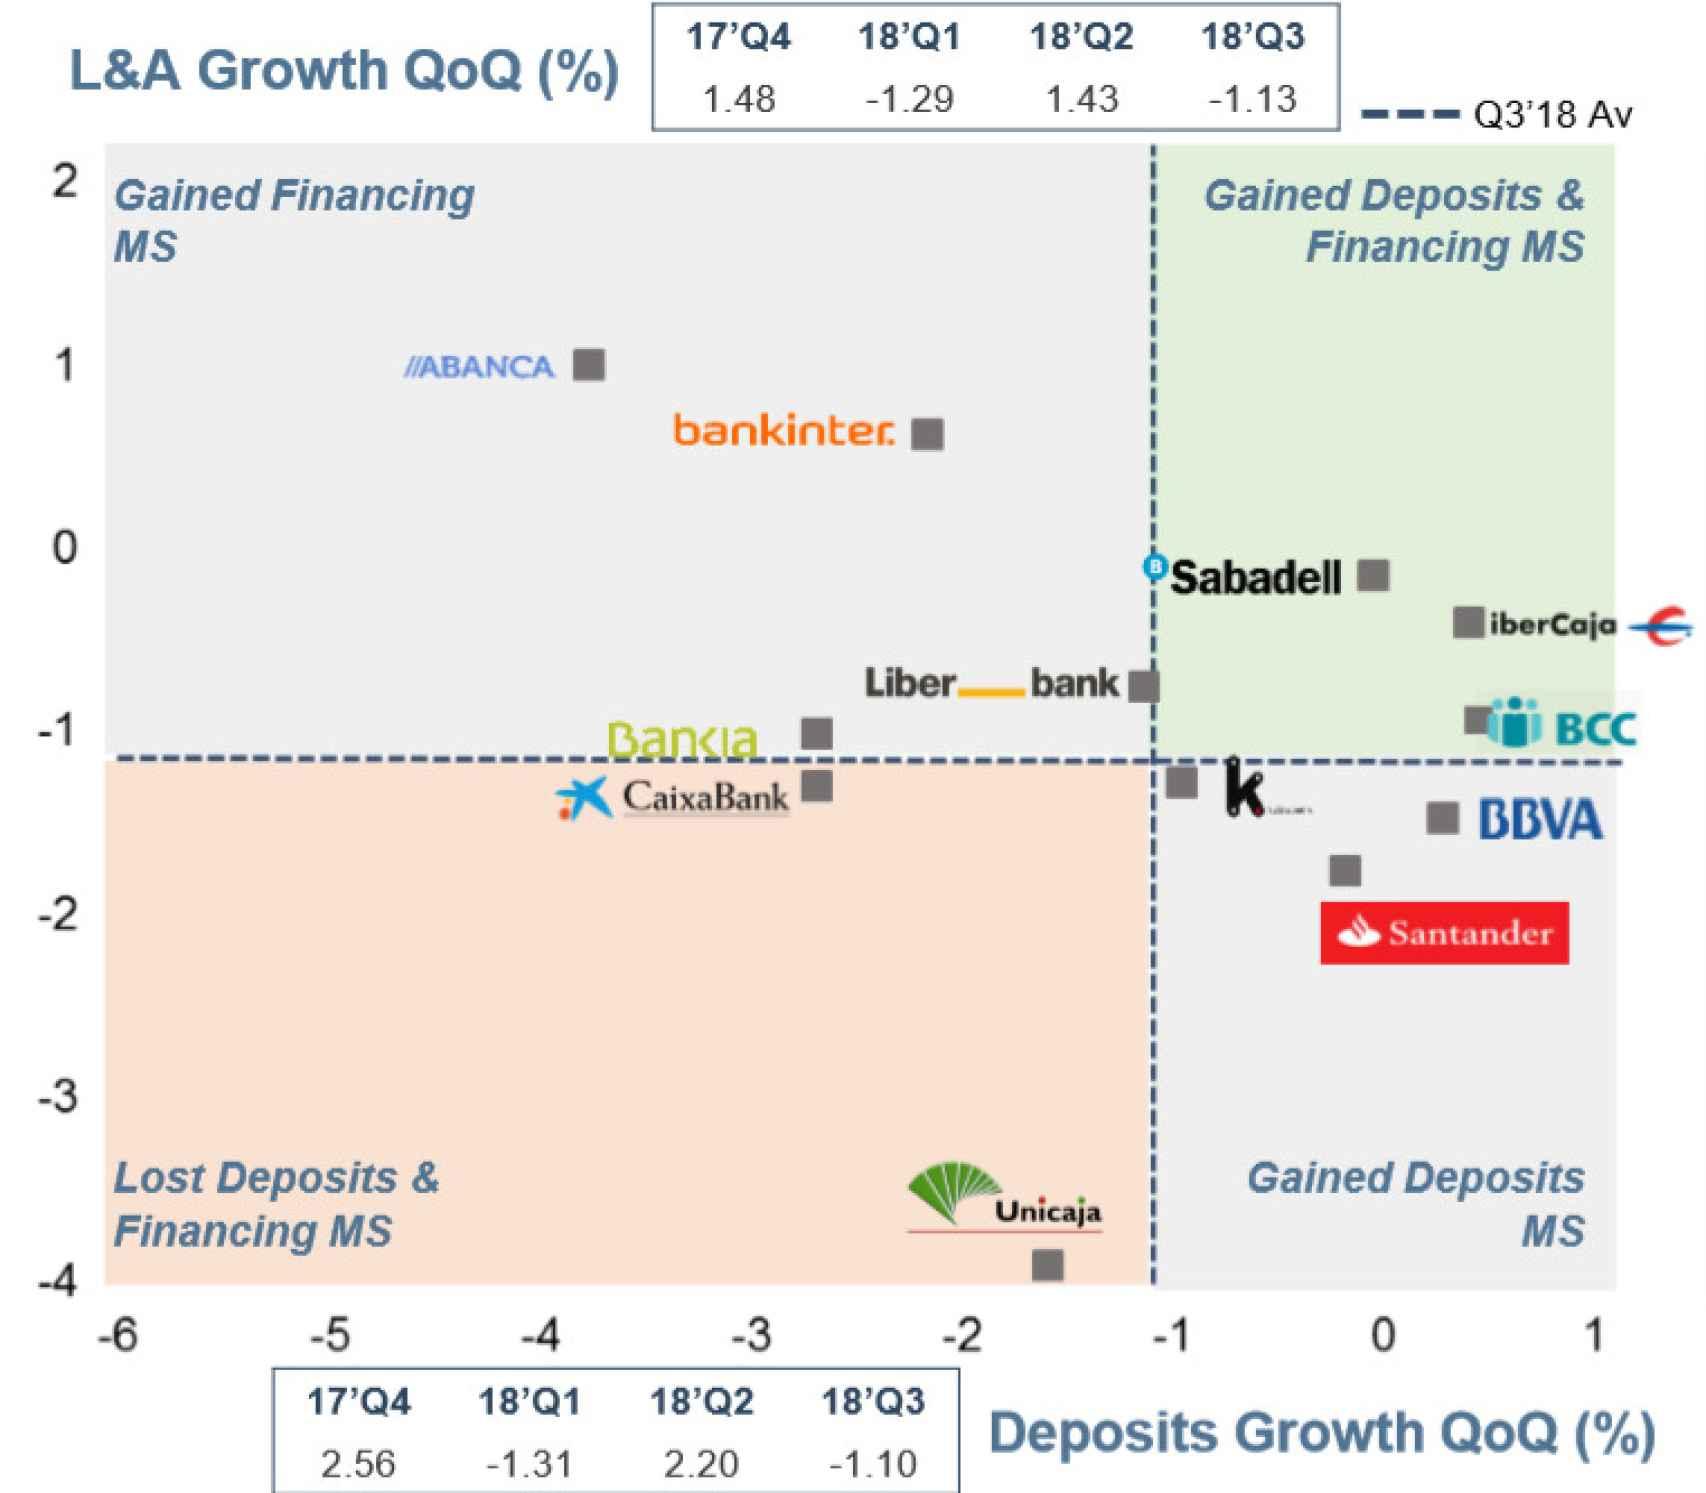 Gráfico elaborado por Álvarez & Marsal sobre la ganancia de préstamos y depósitos de la banca.